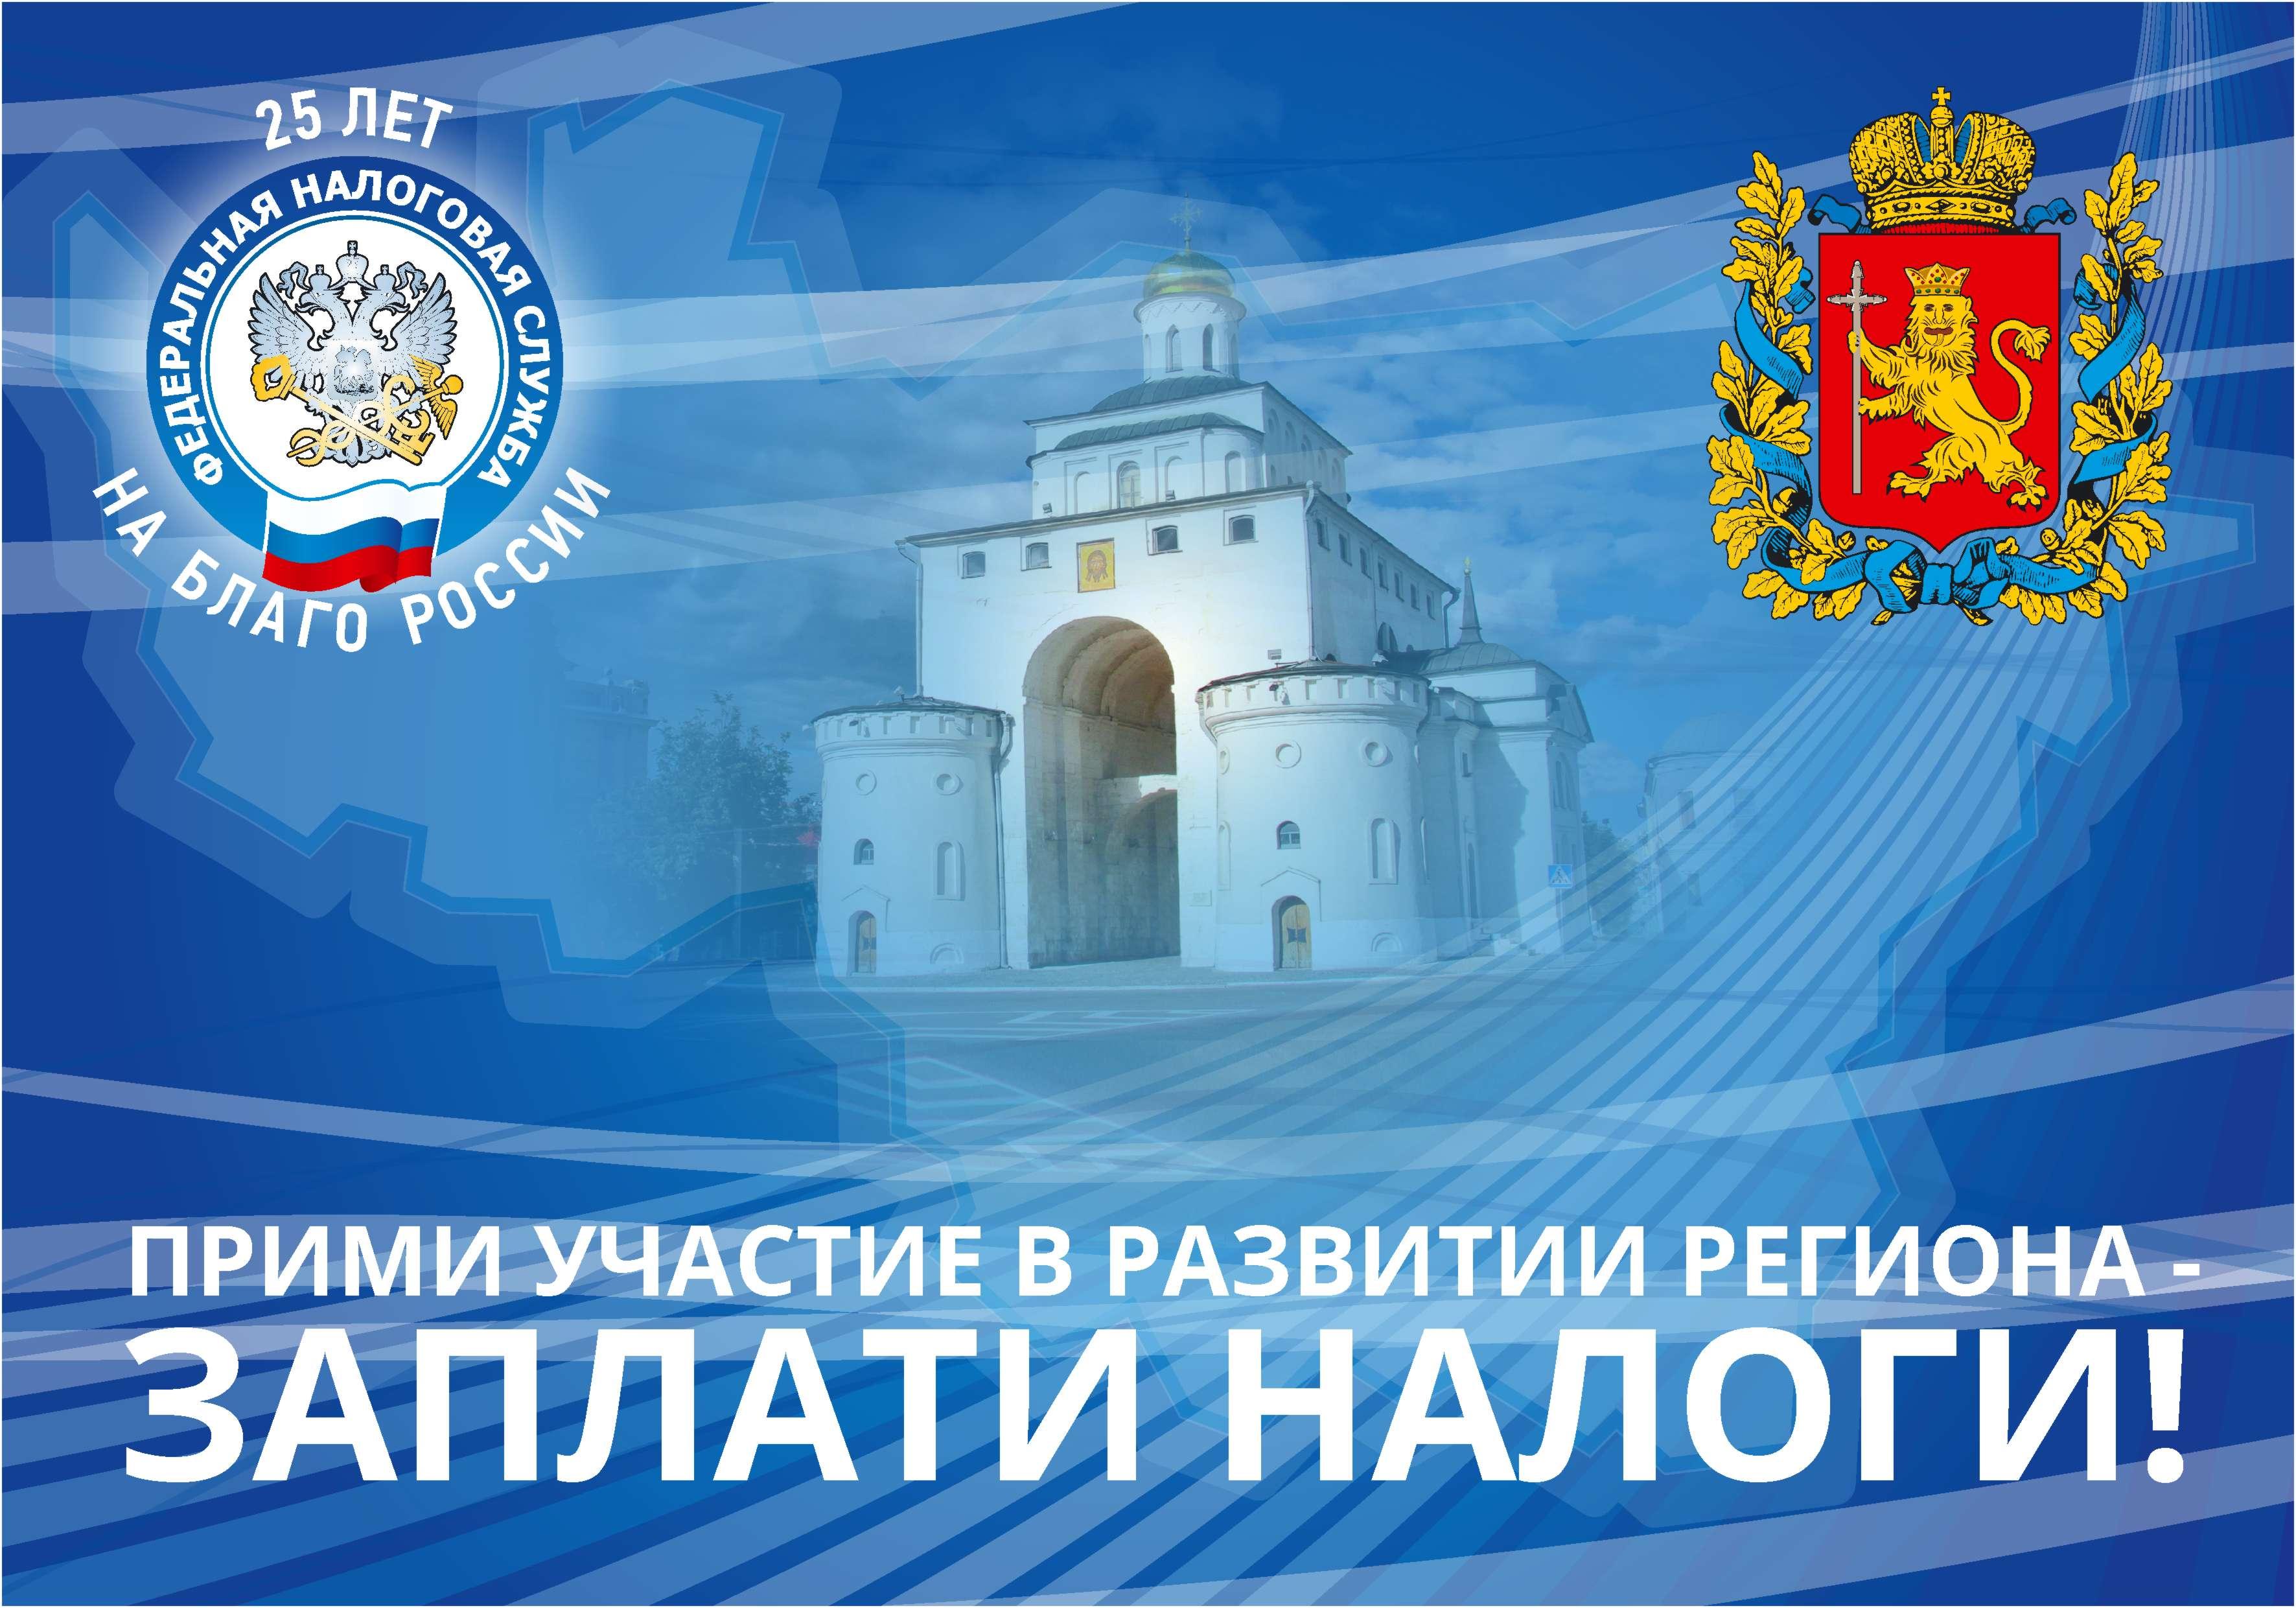 Всероссийский конкурс психолог